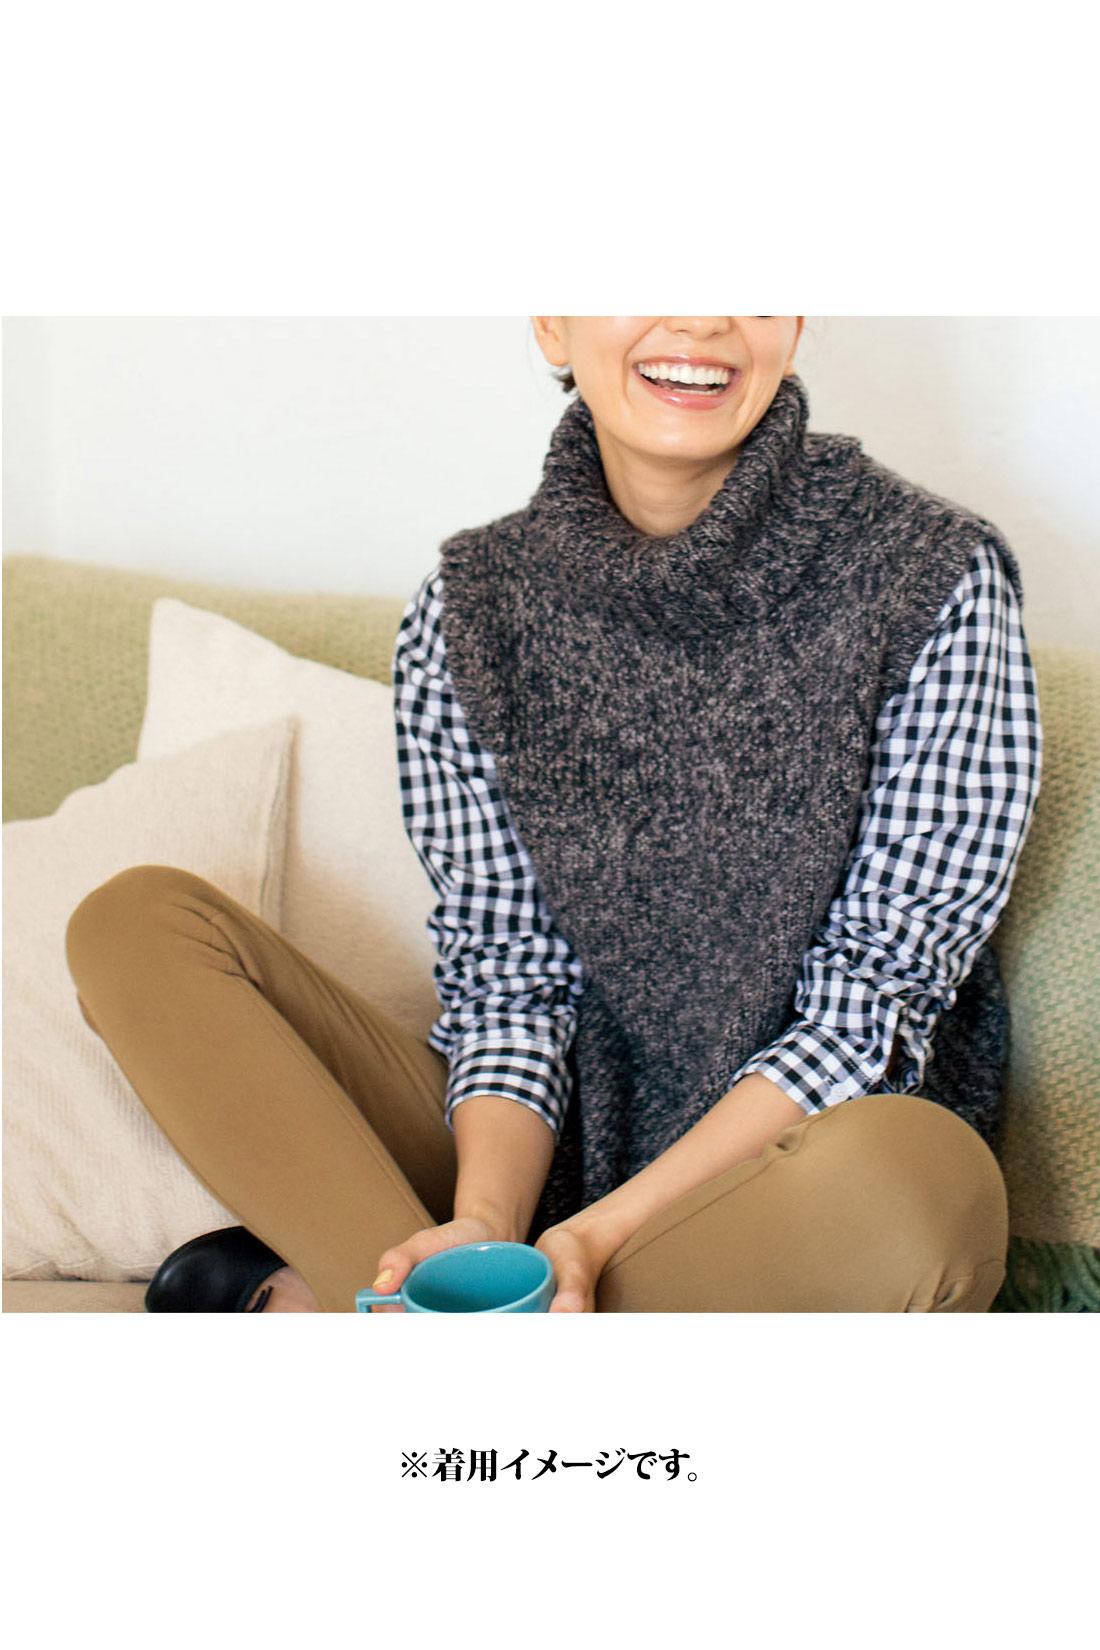 トラッド感のある【ブラック】 ニットの後ろすそは、ヒップをカバーする長め丈。 サイドスリットのまわりは編み地を変えることでメリハリ効果UP!腰まわりのもたつきも解消します。